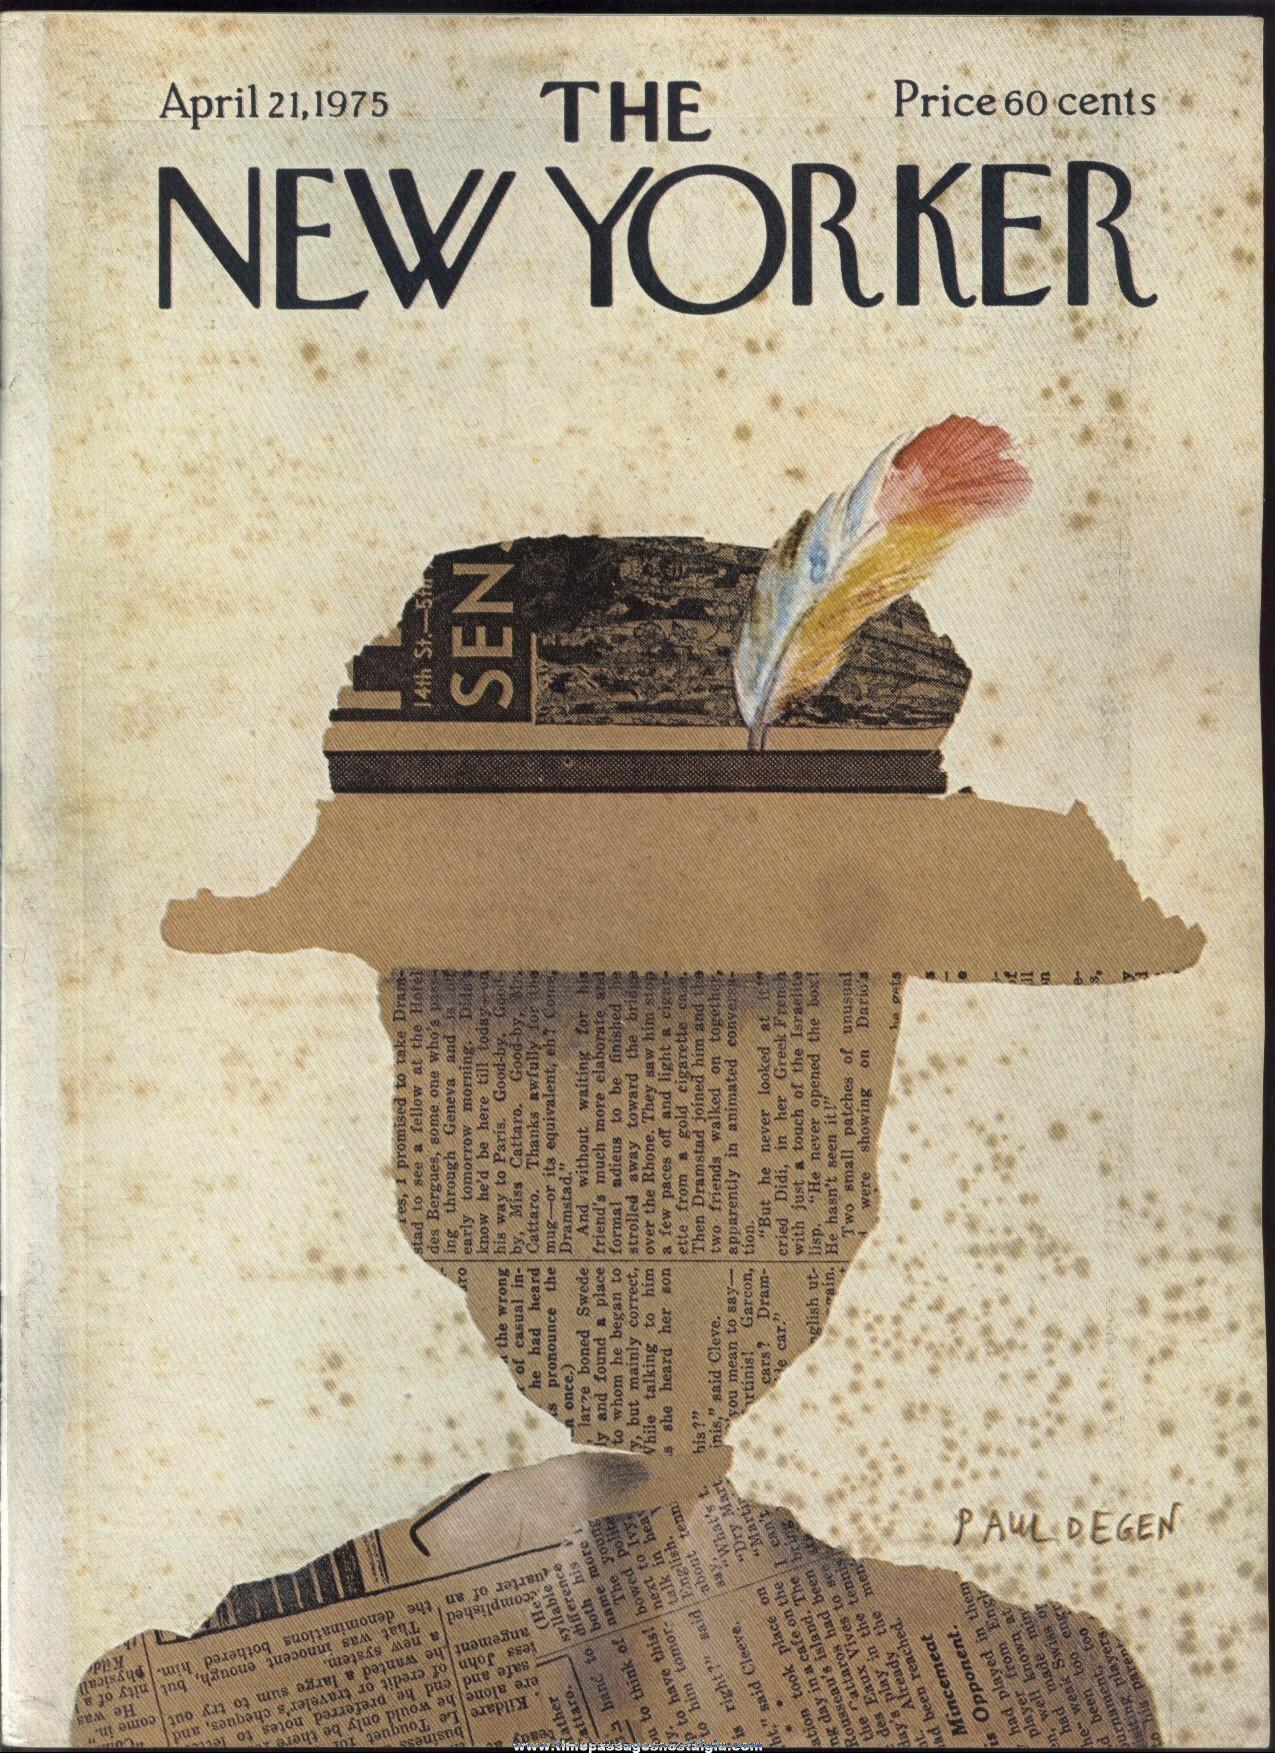 New Yorker Magazine - April 21, 1975 - Cover by Paul Degen